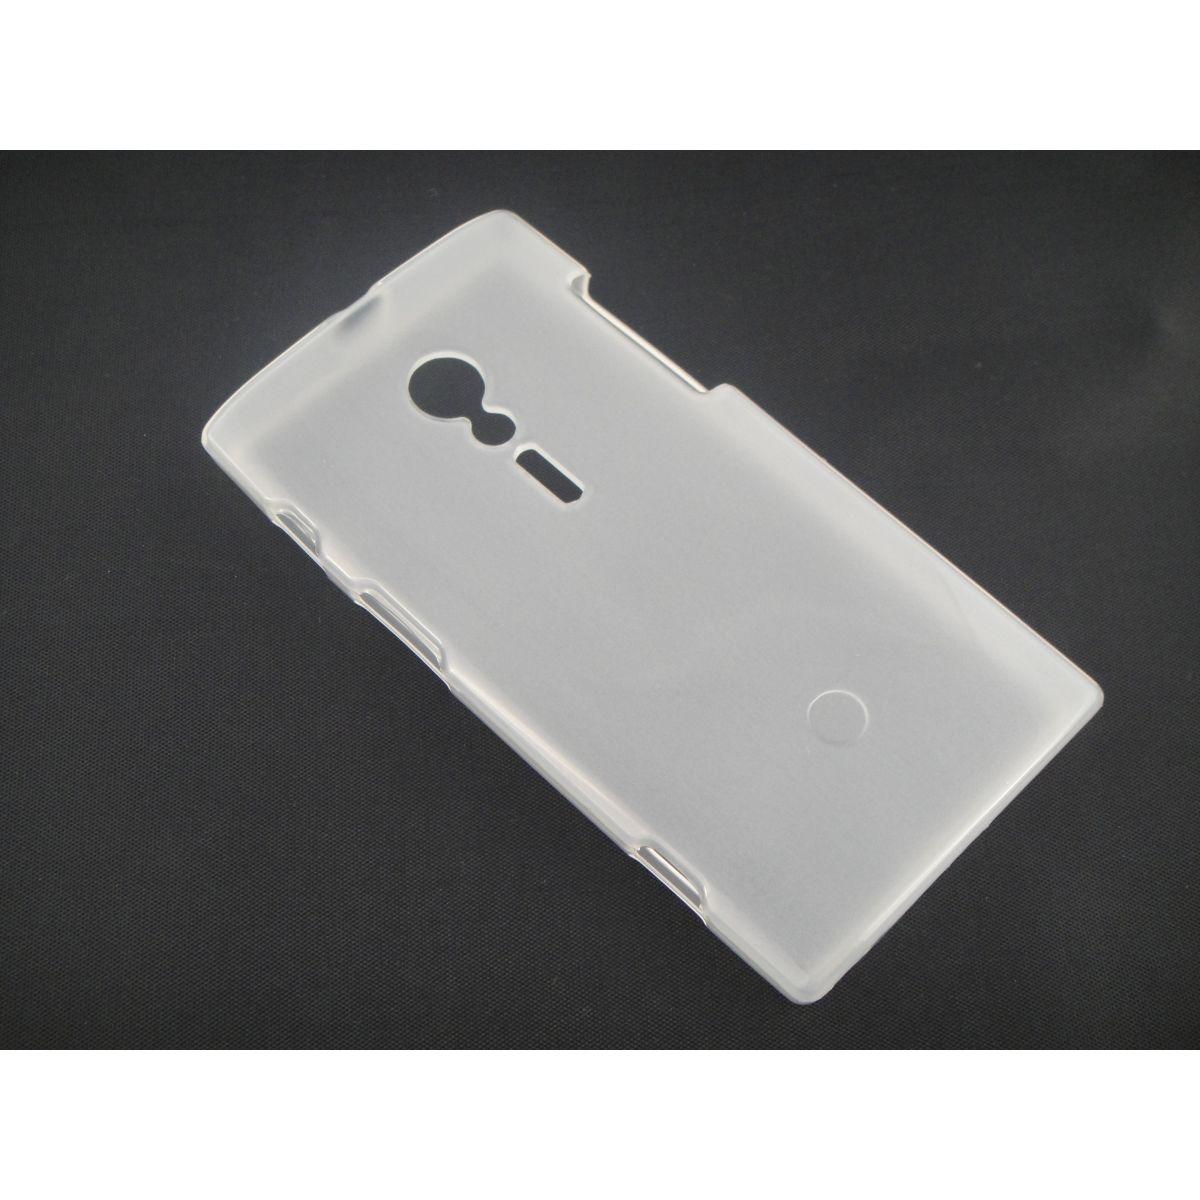 Capa TPU Transparente Sony Xperia Ion Lt28i + Película Flexível